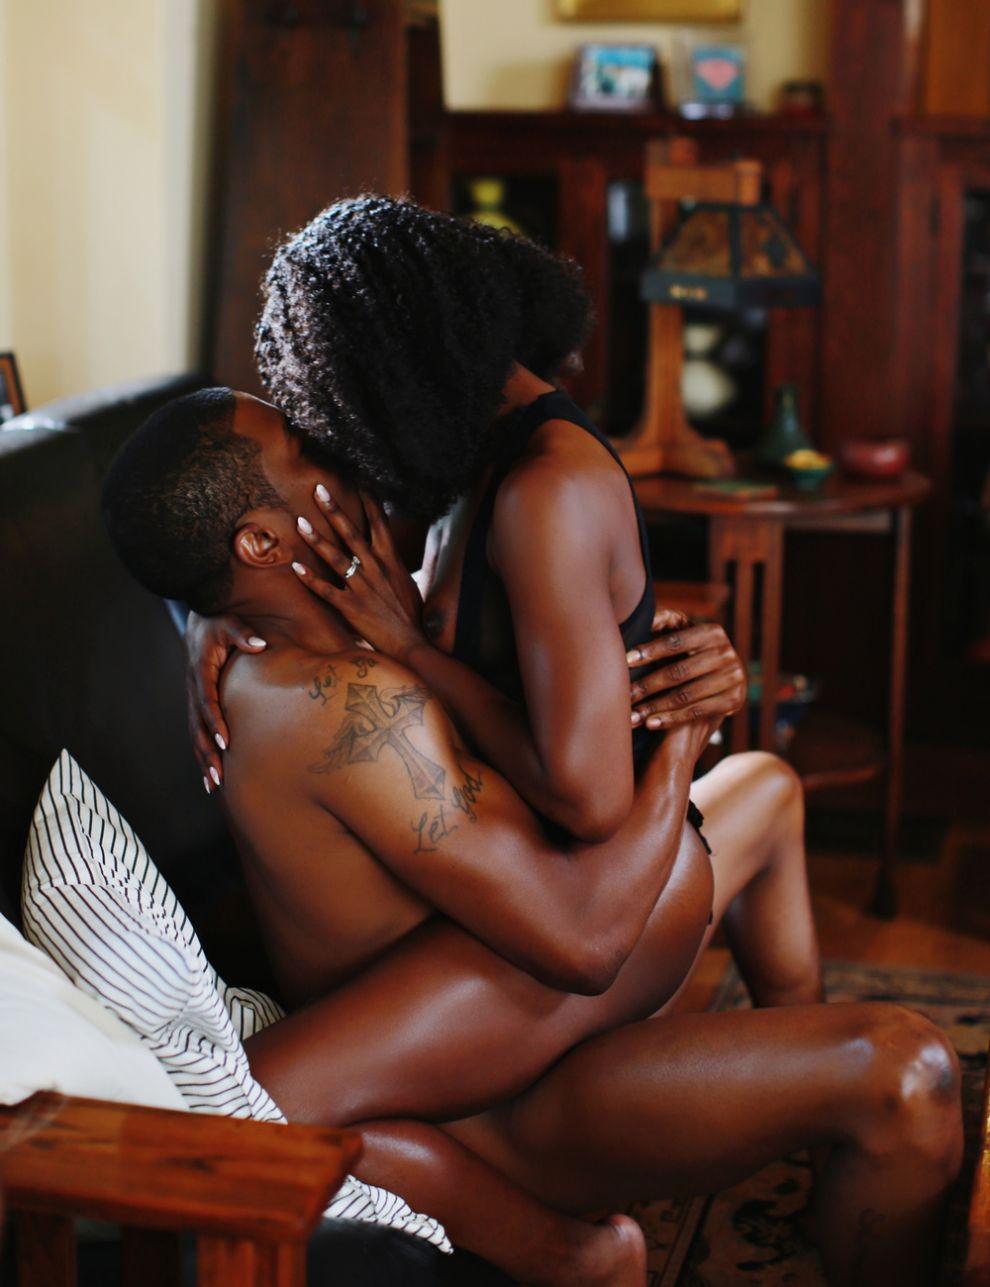 Η Erika Lust φτιάχνει πορνό για όλους